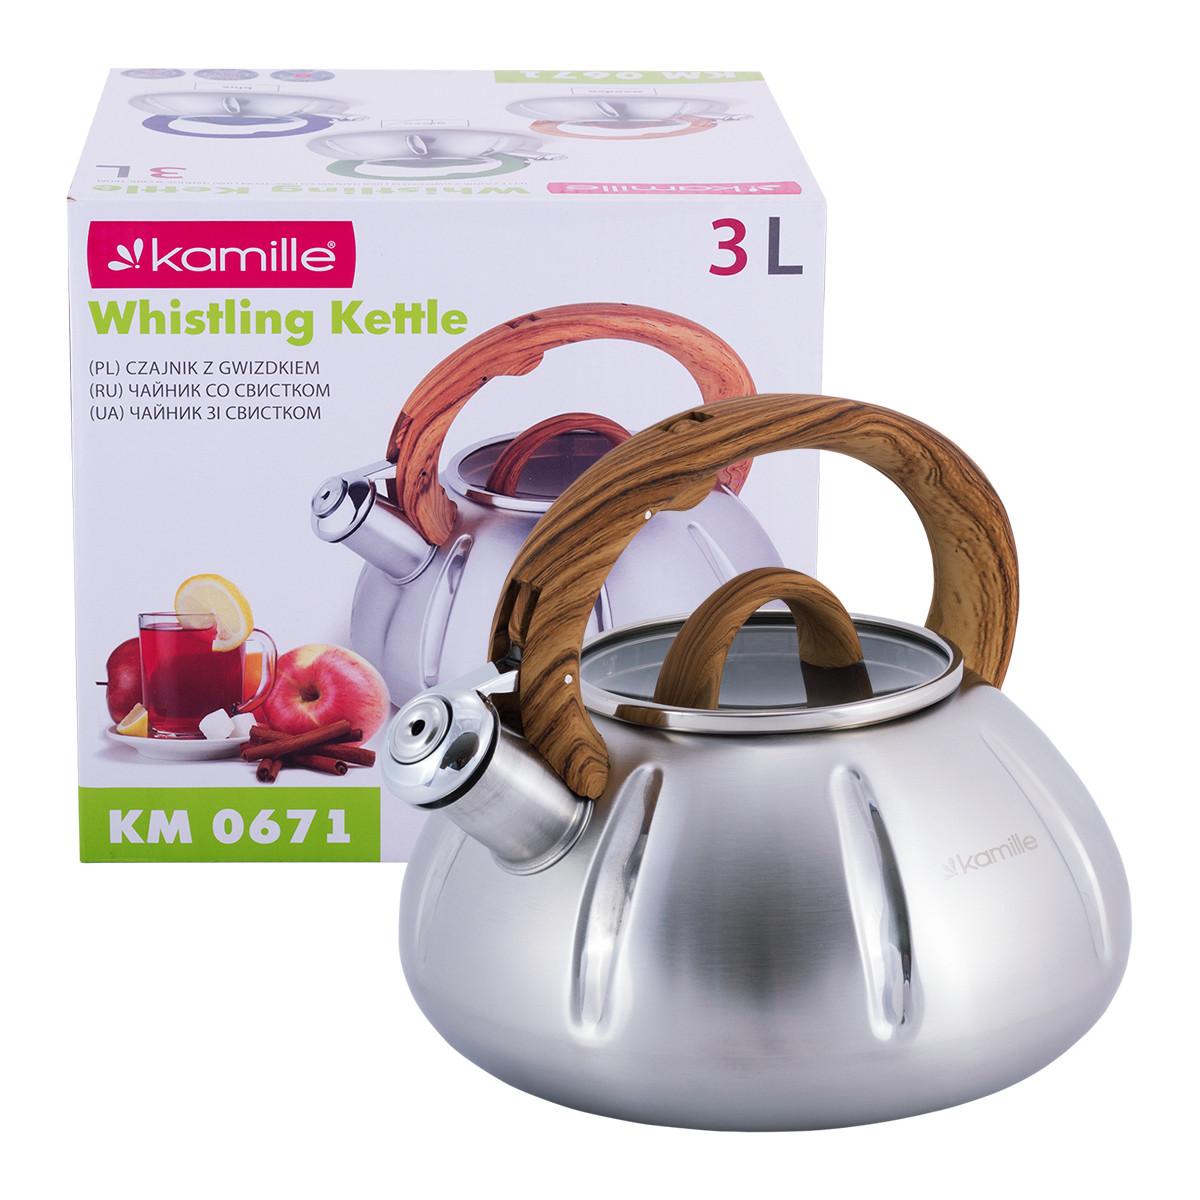 Чайник Kamille Дерево 3л из нержавеющей стали со свистком и стеклянной крышкой для индукции и газа KM-0671DR